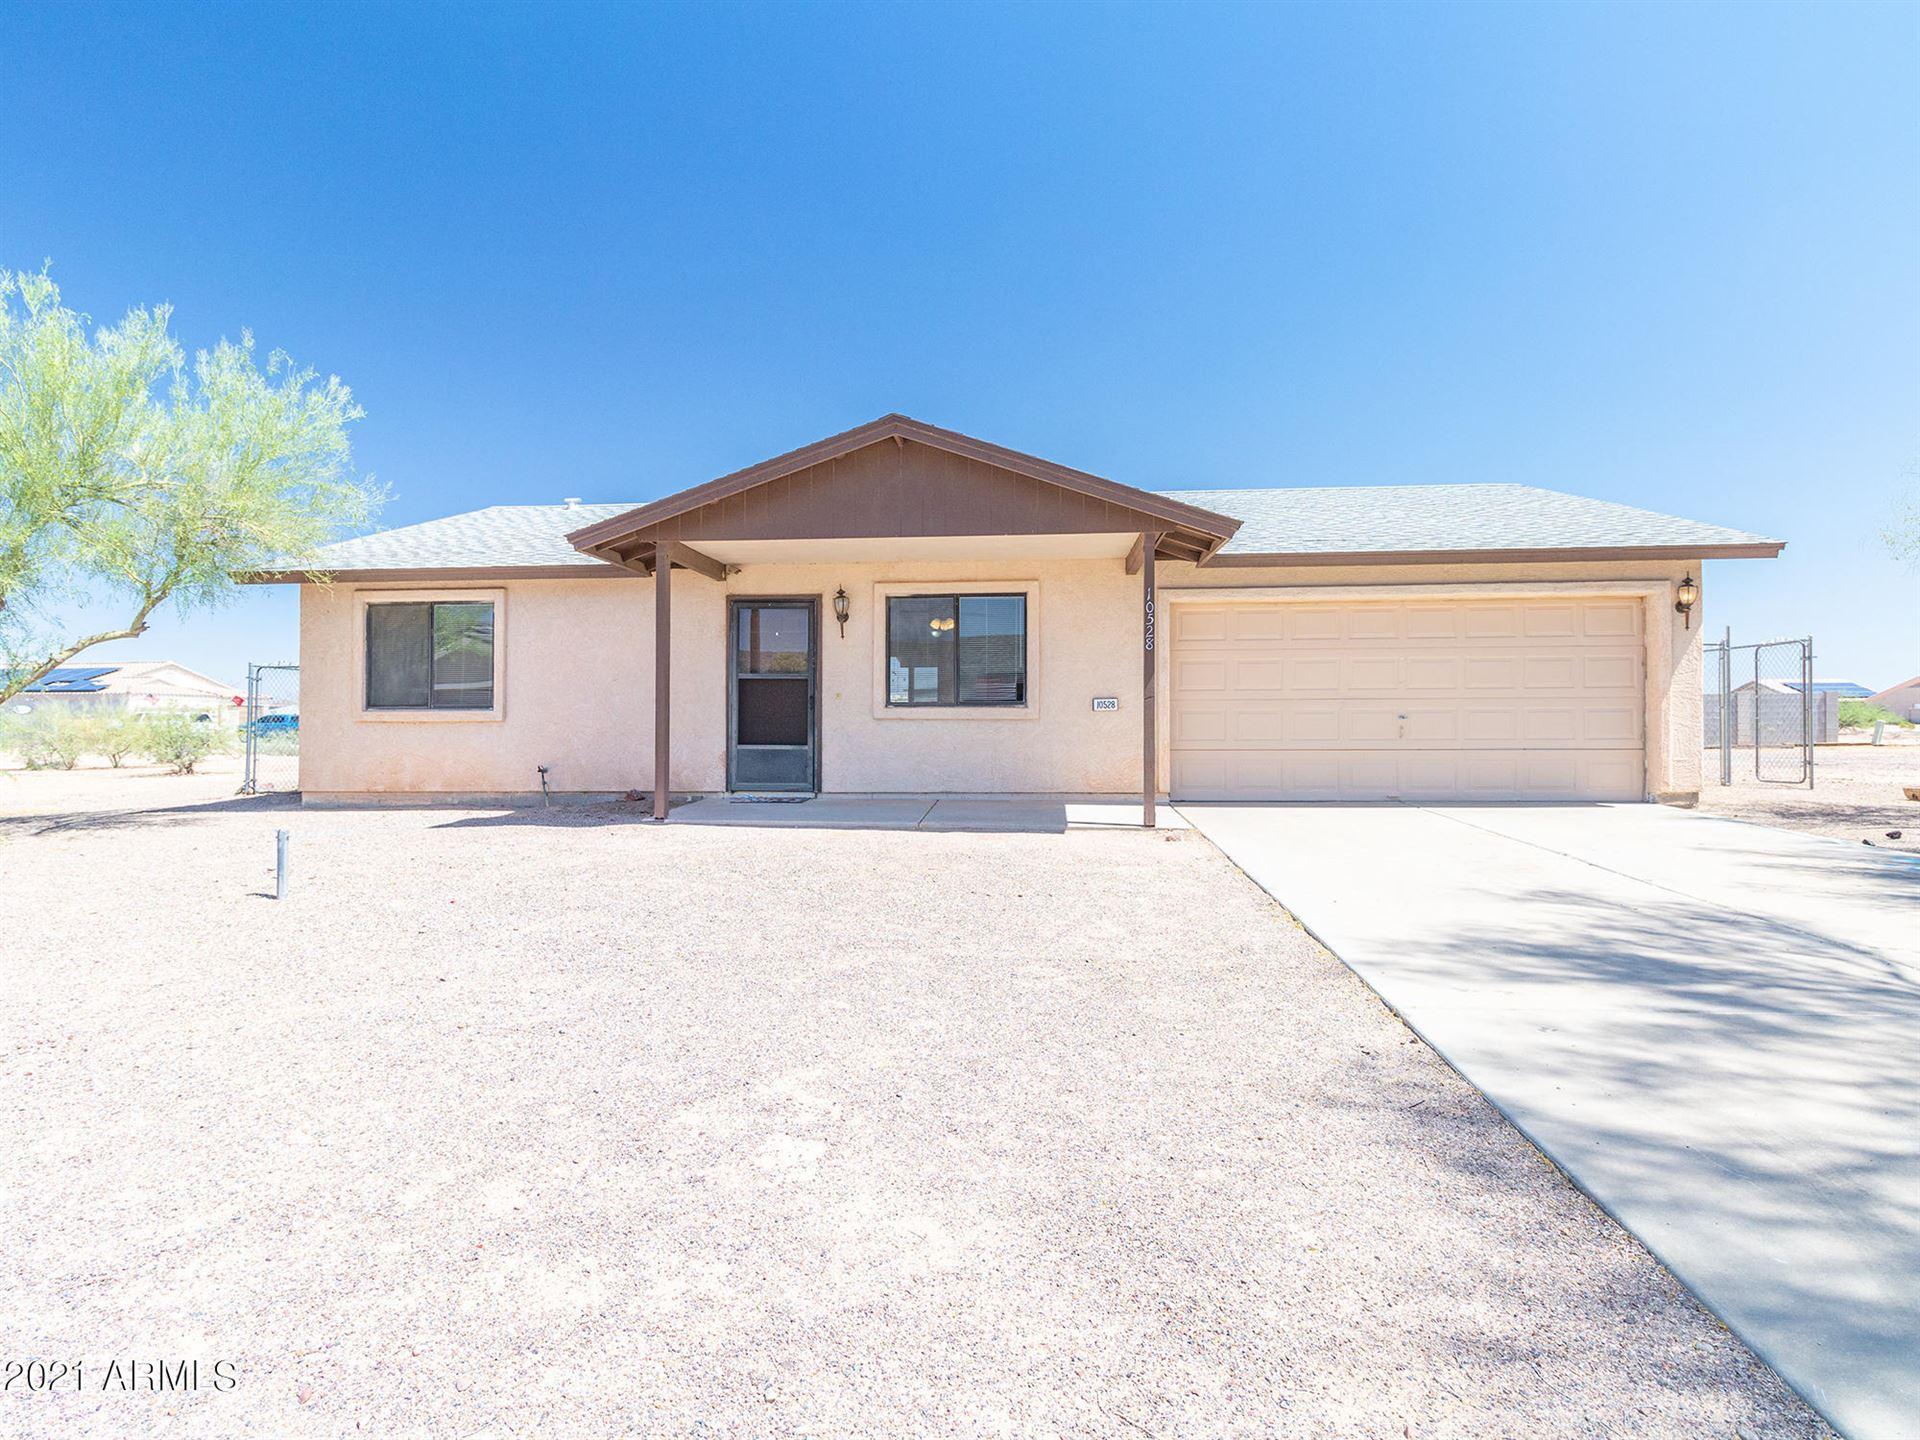 10528 W MISSION Drive, Arizona City, AZ 85123 - MLS#: 6235202